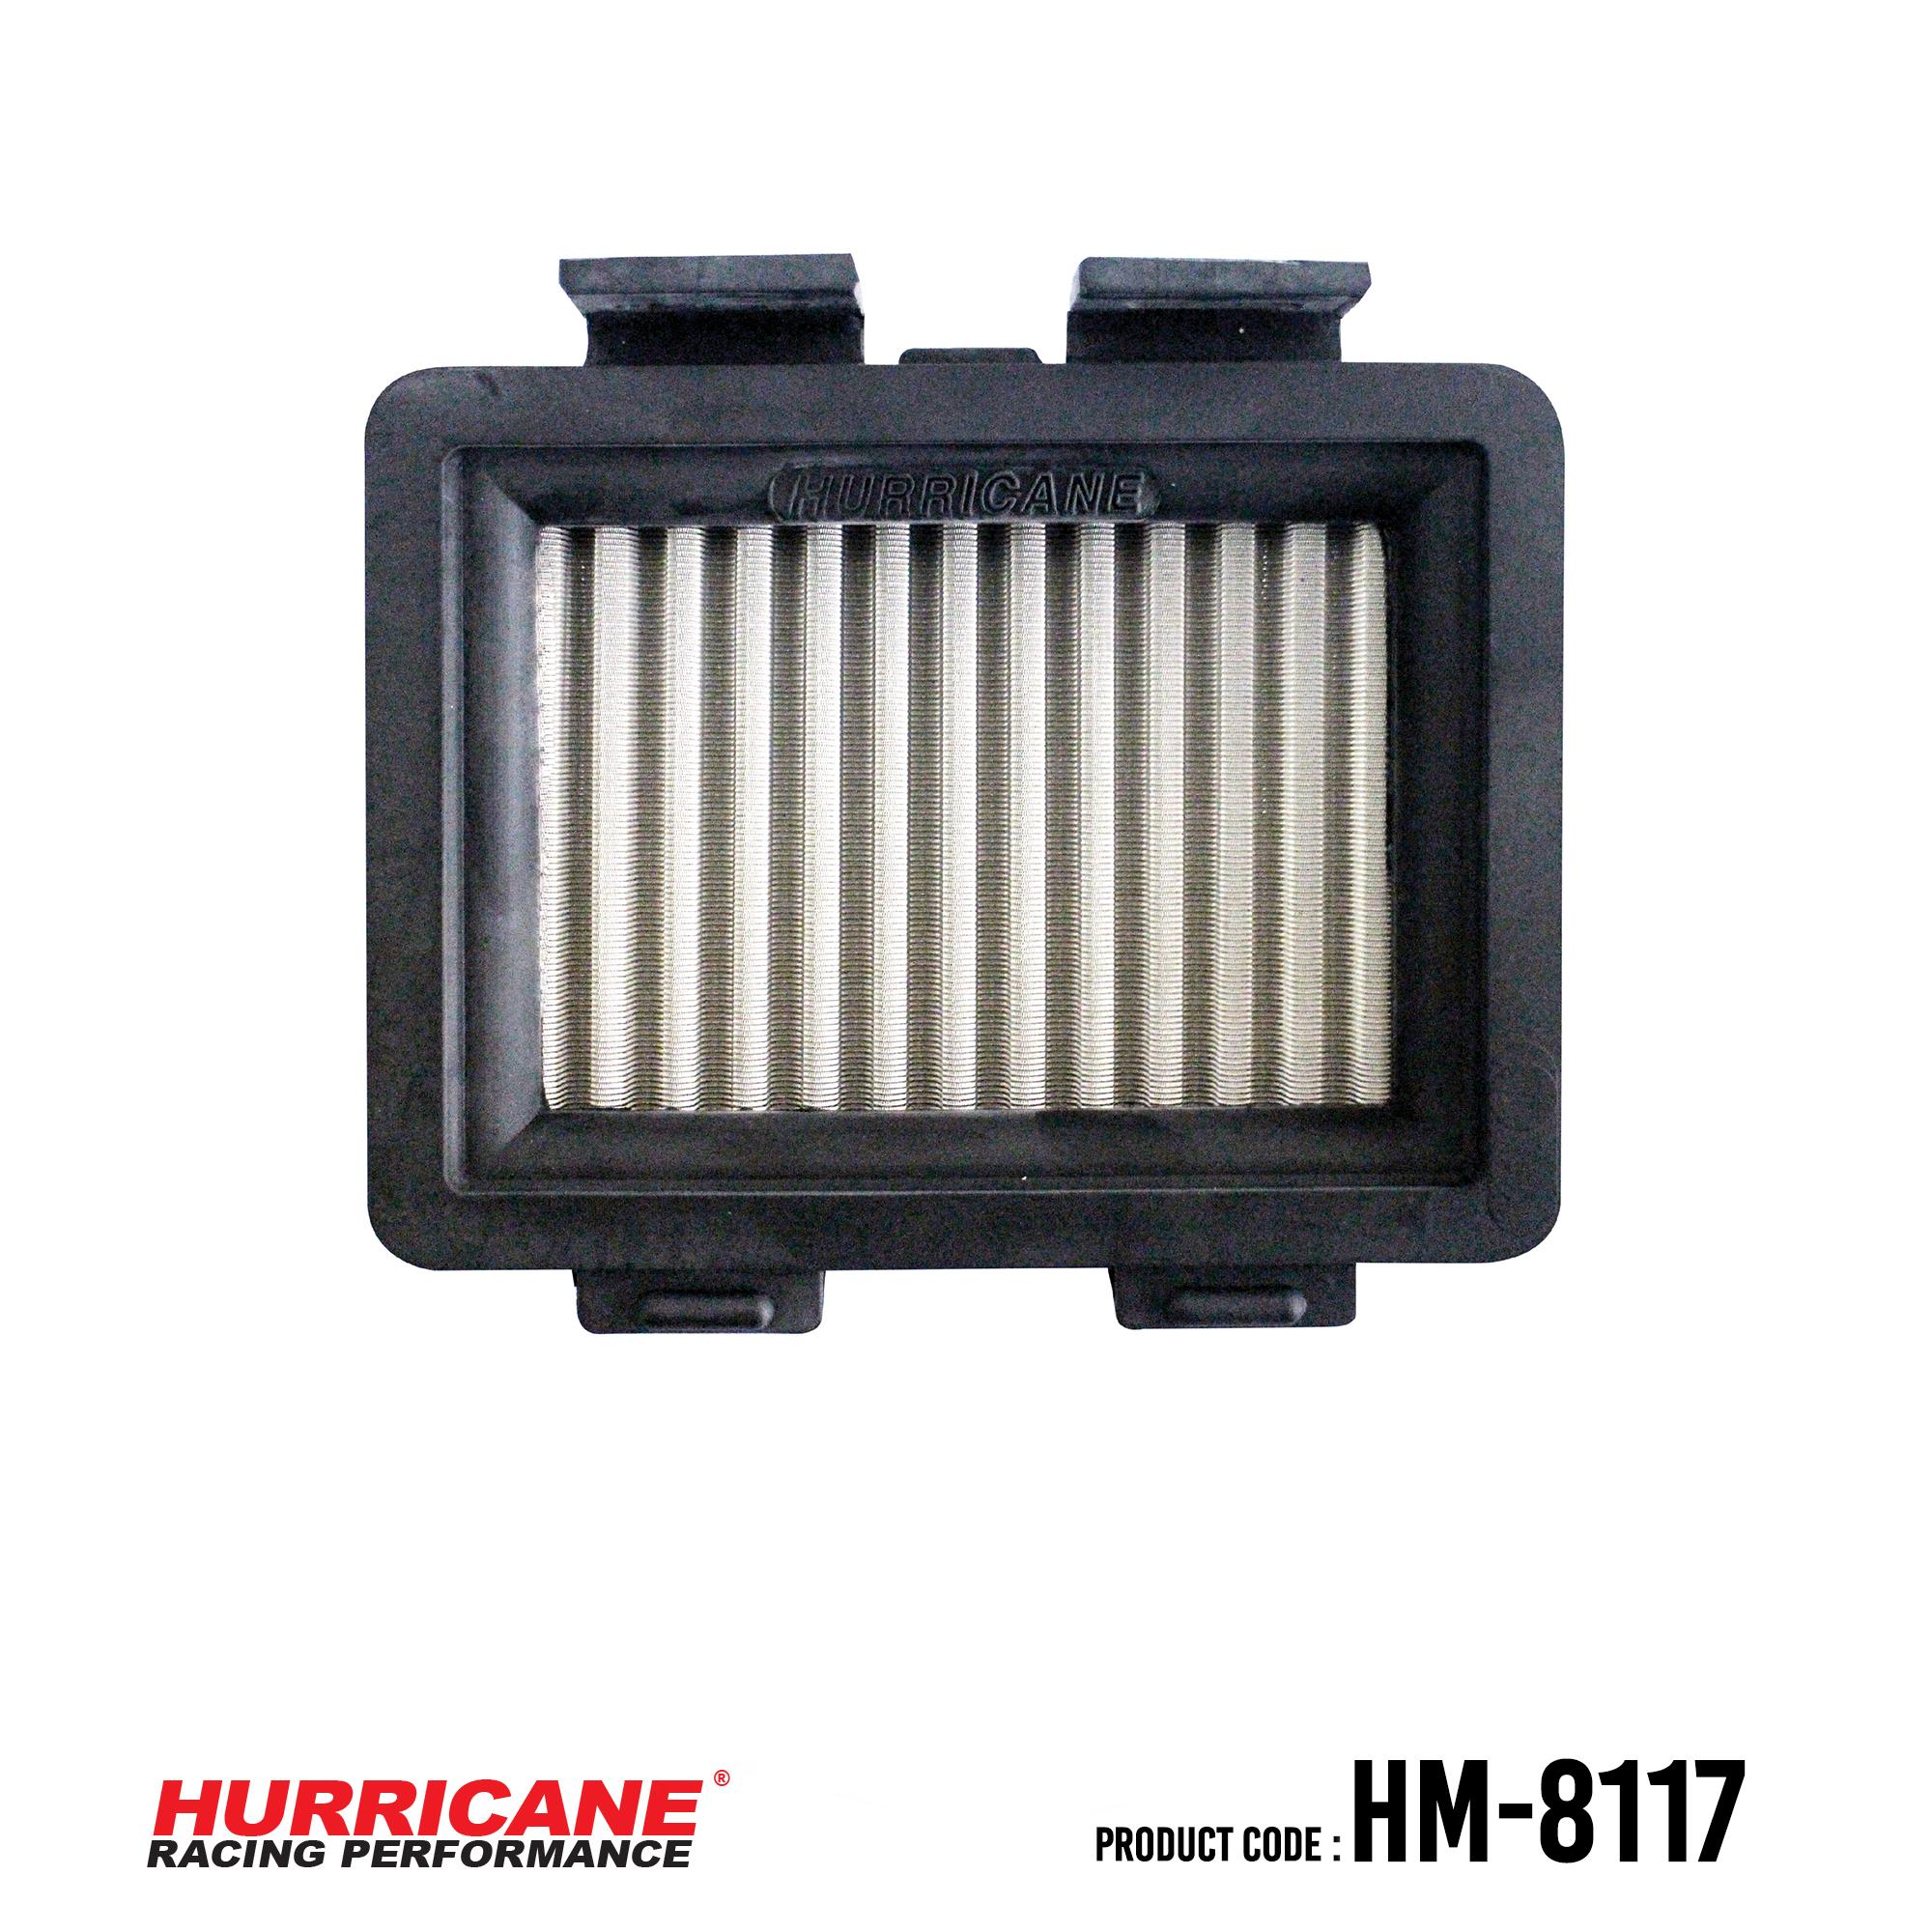 HURRICANE STAINLESS STEEL AIR FILTER FOR HM-8117 Honda